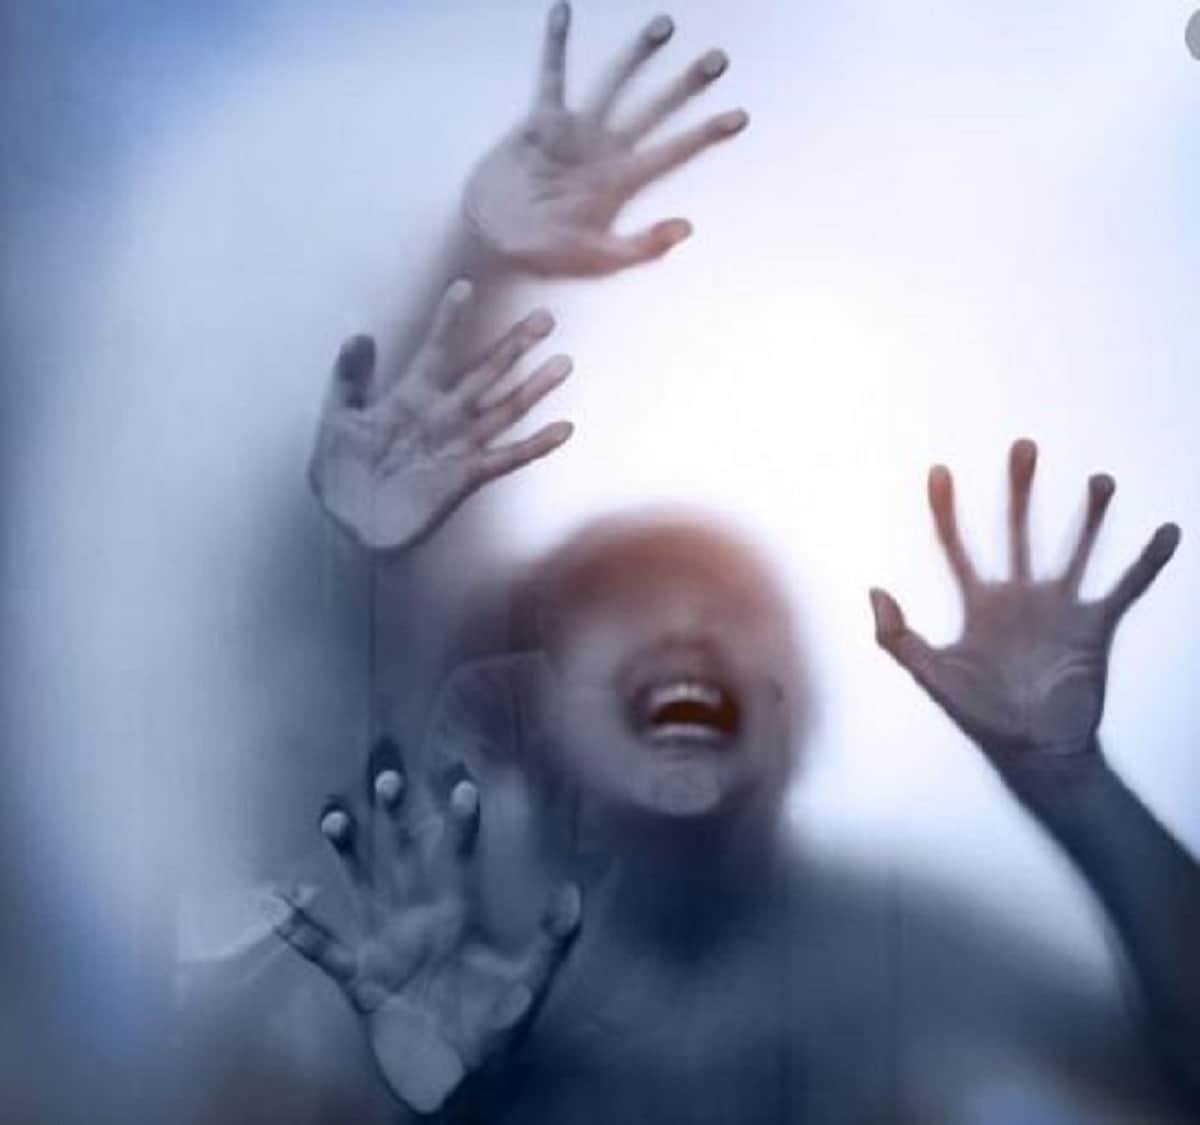 •অভিযুক্তর নাম সরবজিত বলে জানা গিয়েছে৷ মোহালি জেলার হাসানপুর গ্রামের বাসিন্দা তিনি৷ সেনা জাওয়ান হিসেবে চাকরির পর অবসর নেন তিনি৷